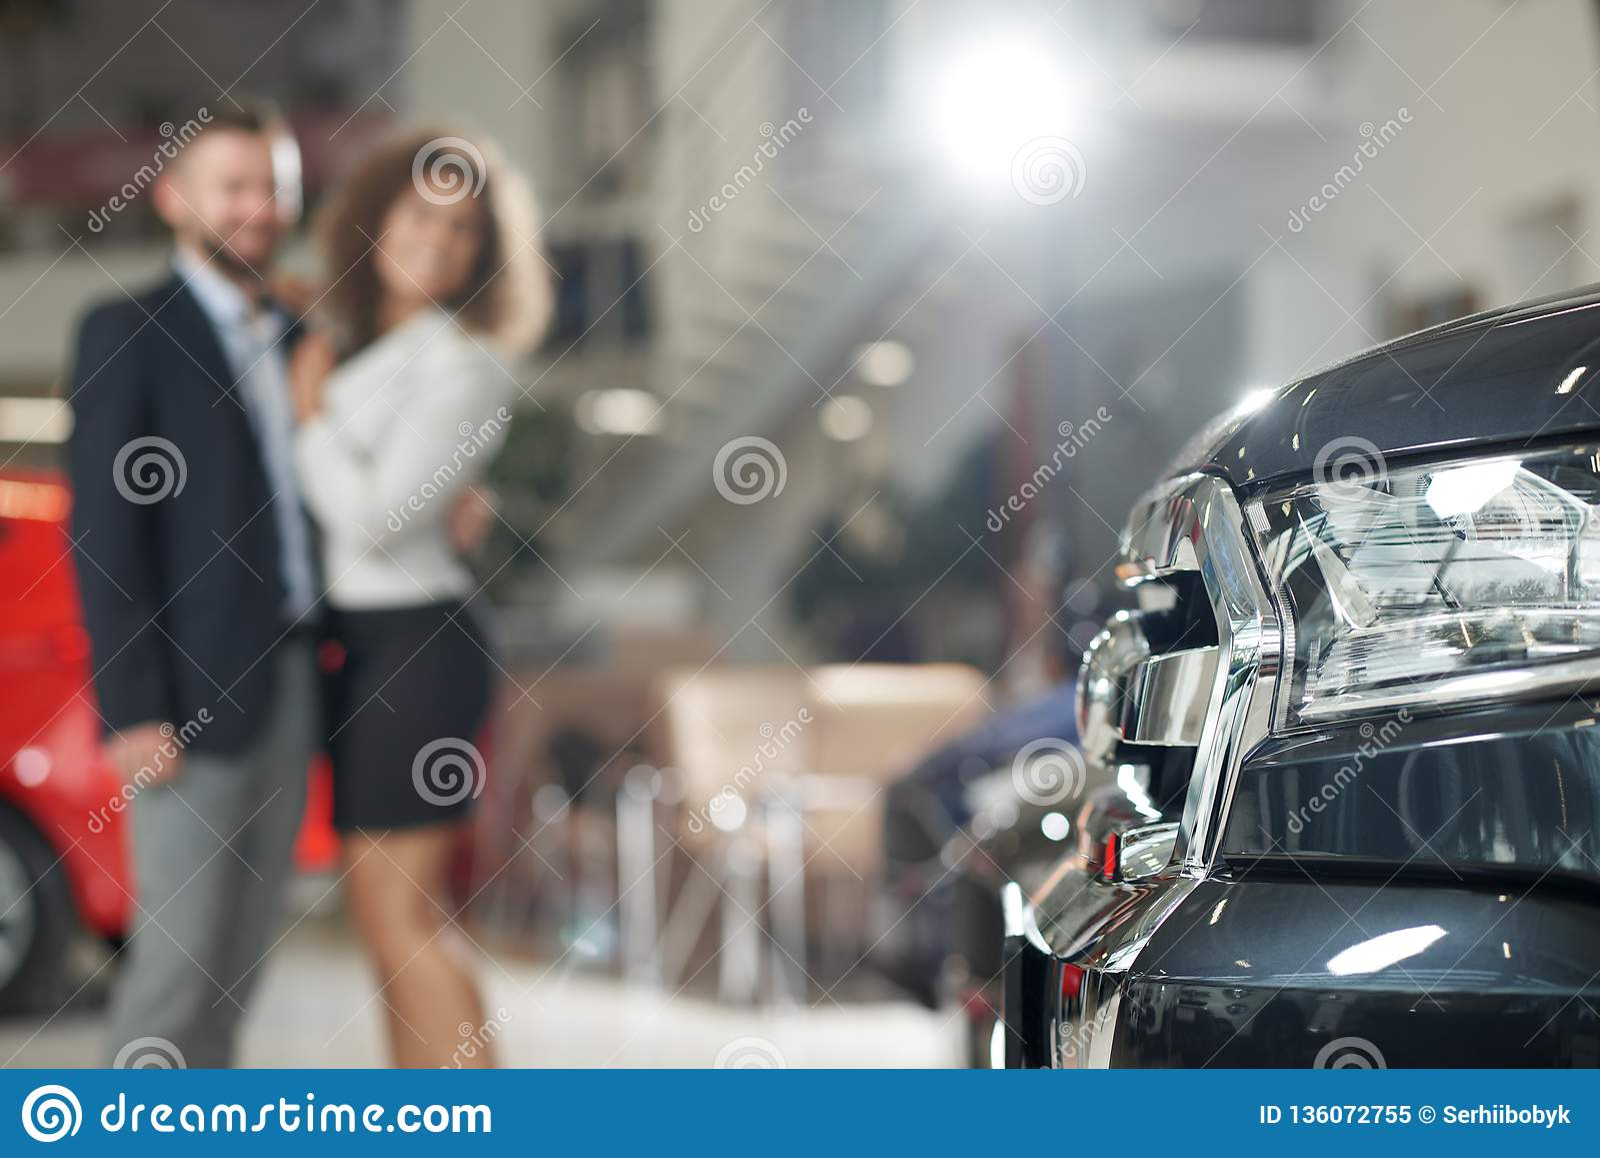 Automobiel koplamp en paar die zich erachter bevinden